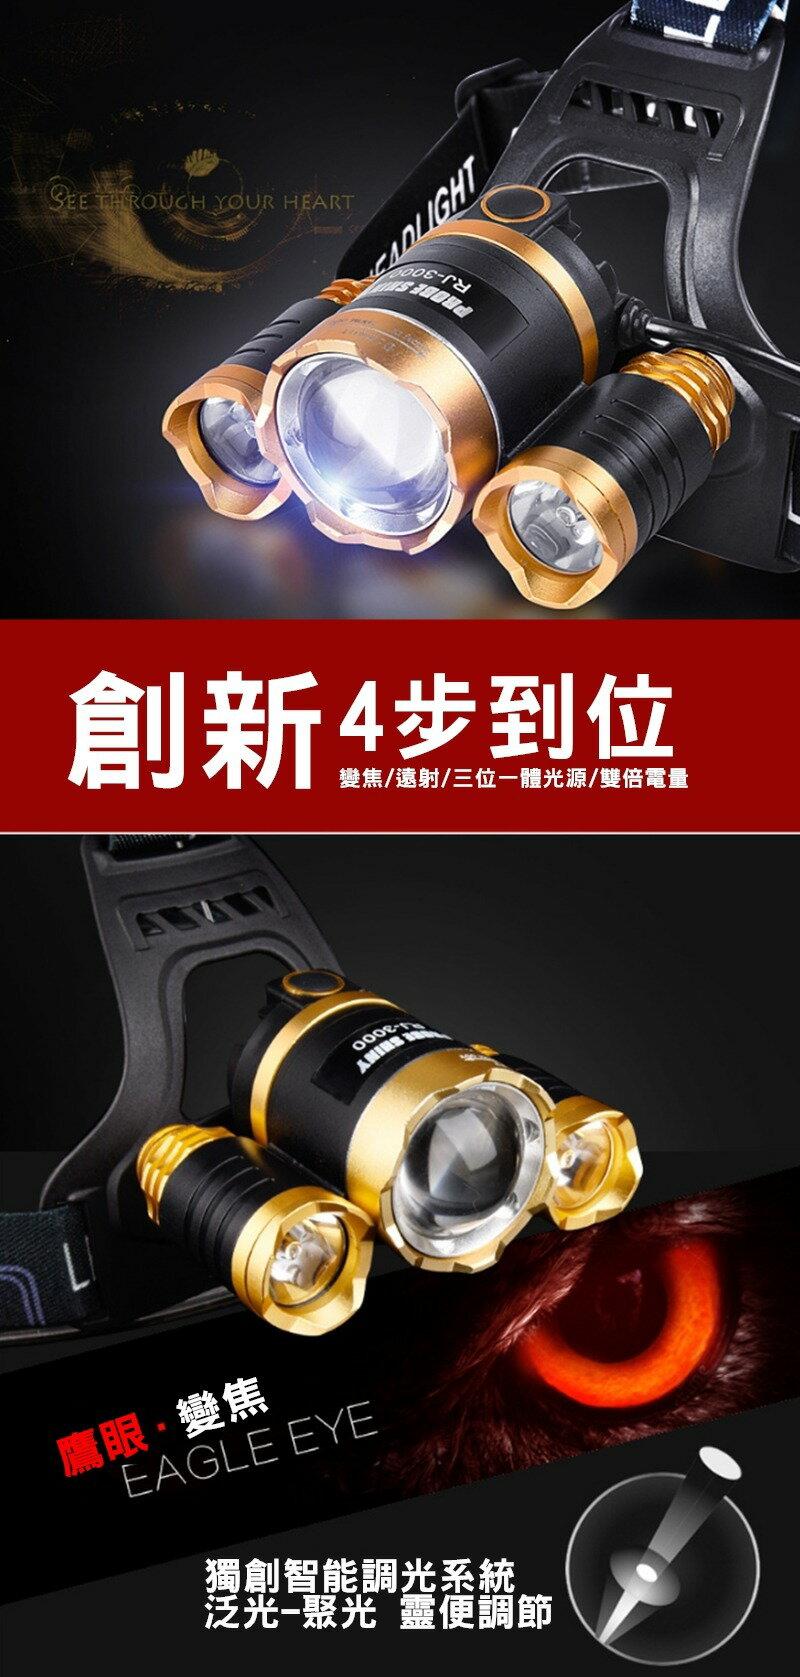 27078-137-興雲網購 【L2第二代變焦3頭燈2600mAh配套(藍】XM-L2強光魚眼手電筒 頭燈 工作燈